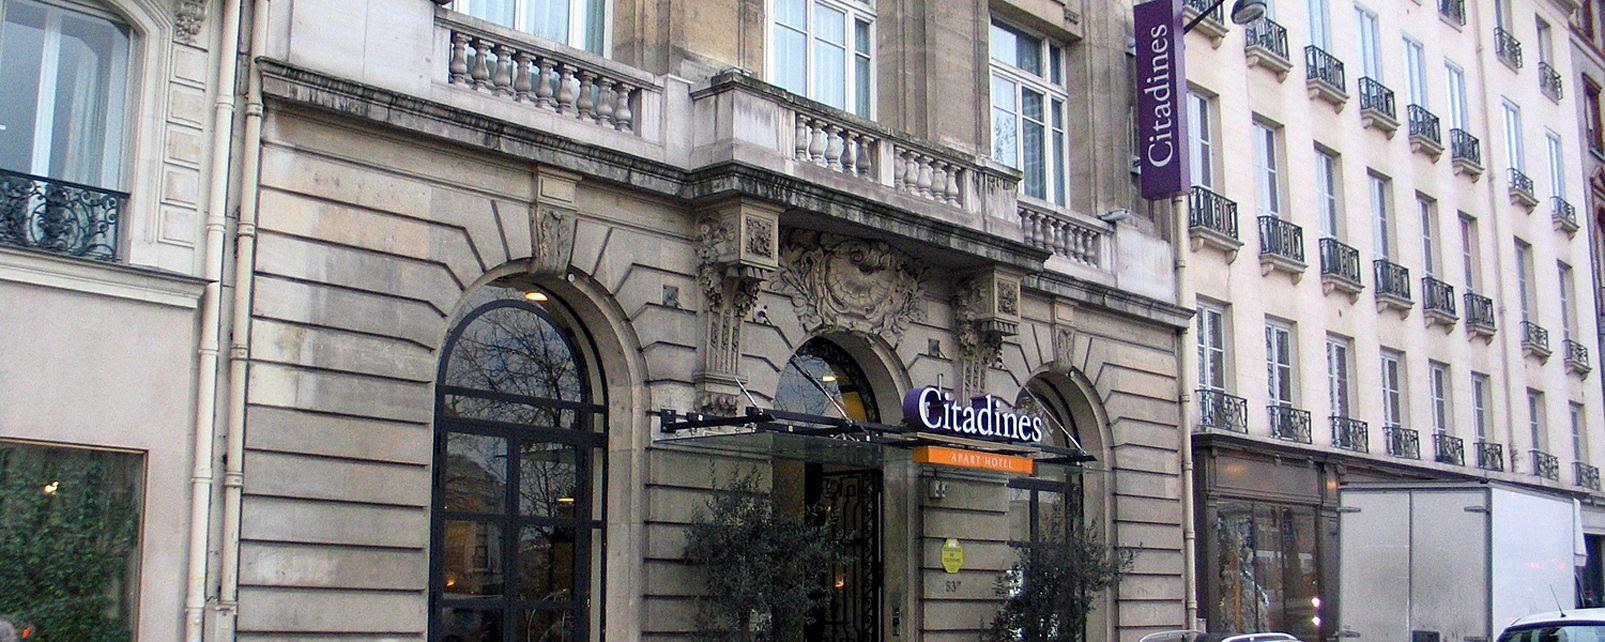 Image result for hotel citadines st germain des pres